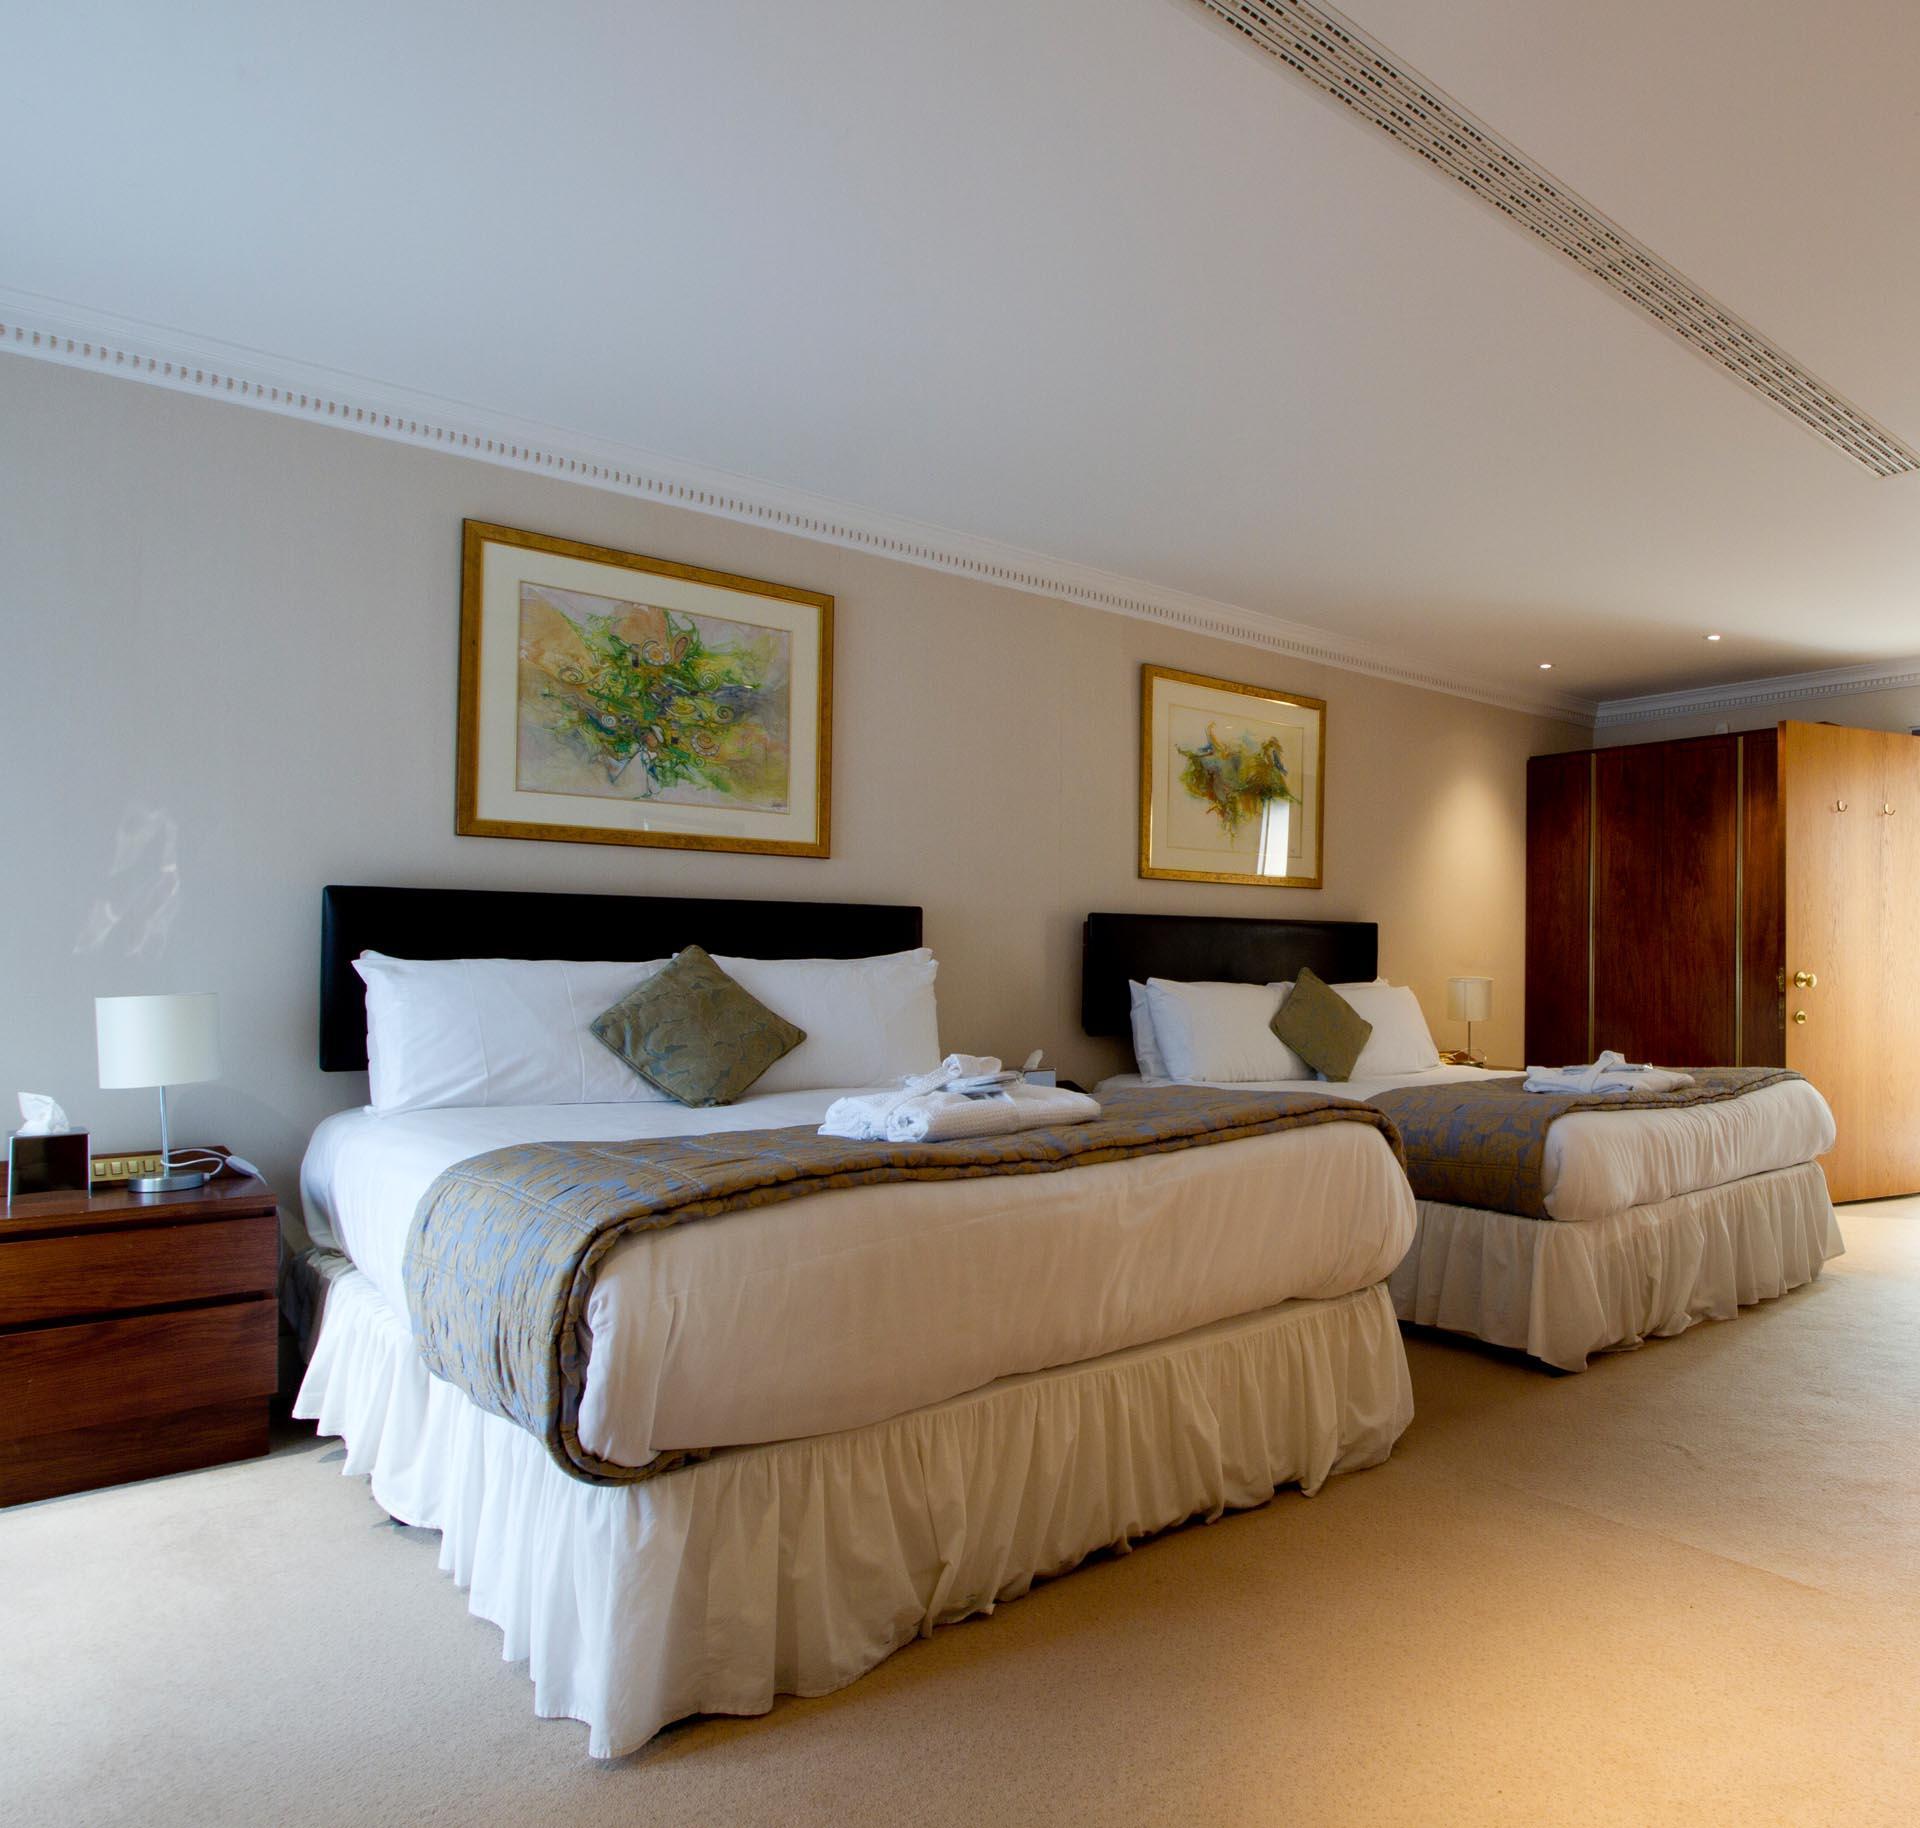 Deans Lodge Twin at Barn Hotel Ruislip near London